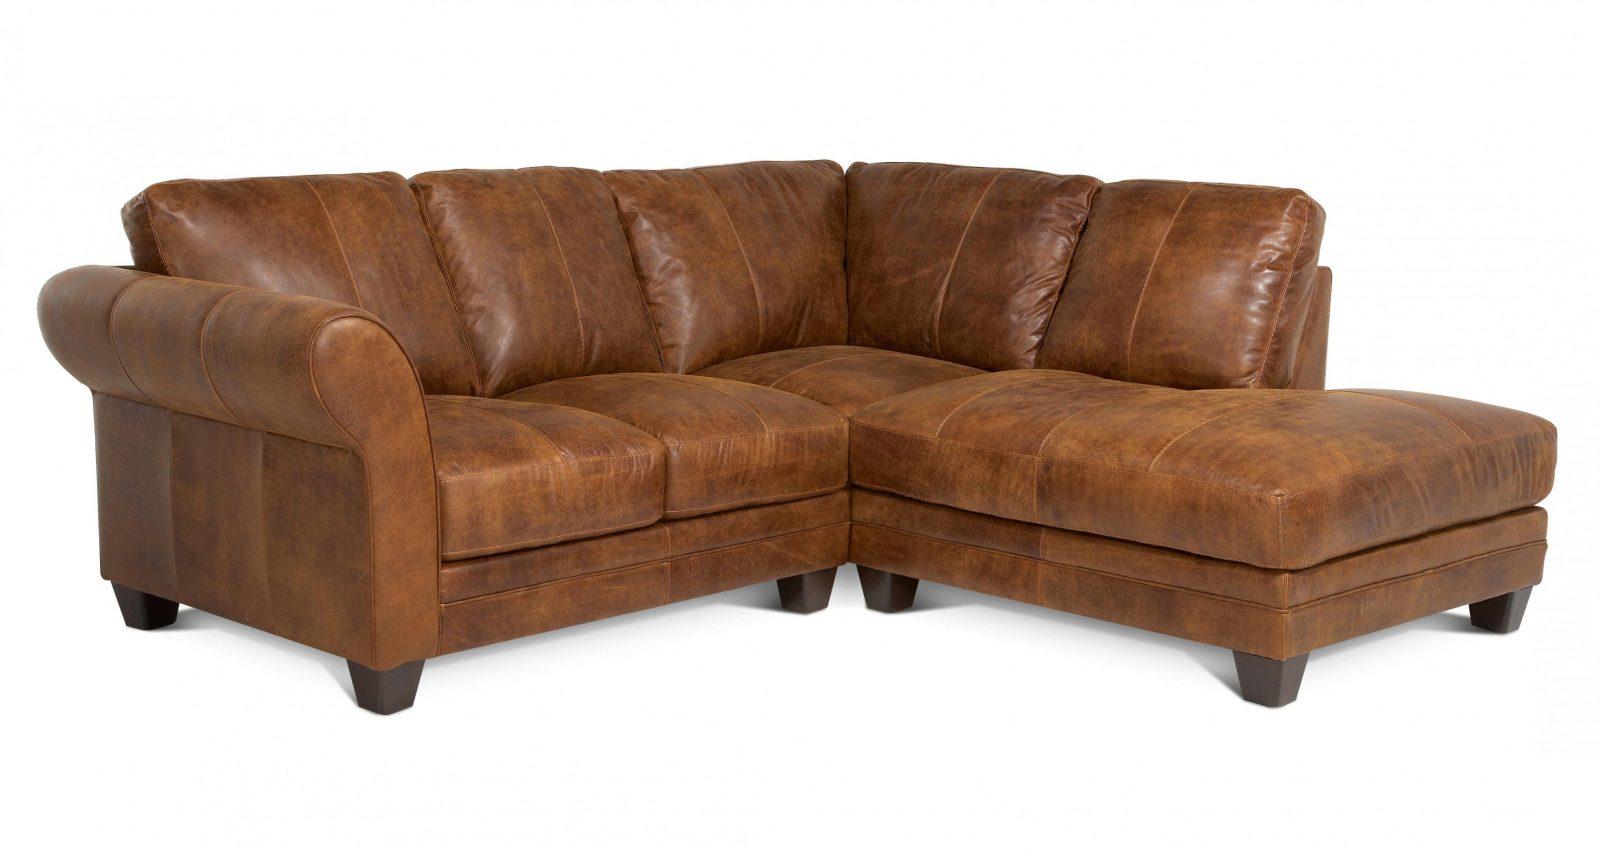 Sofa Design  Einfach Mini Eckcouch Ledersofa Links Großer Ledersofa von Eckcouch Für Kleine Räume Photo